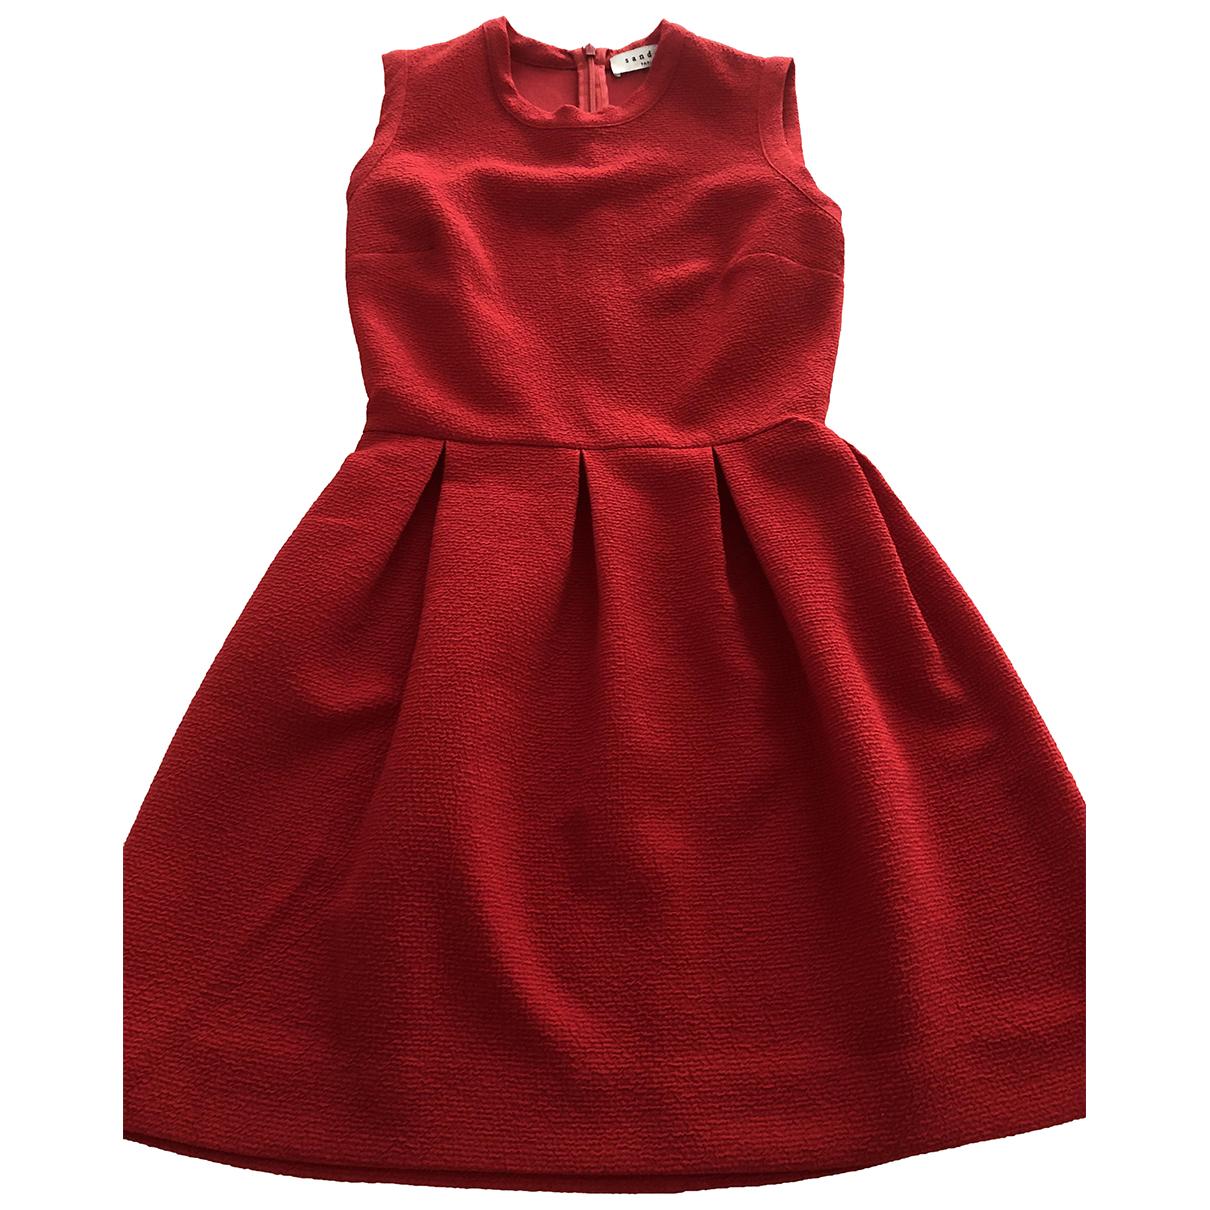 Sandro N Red dress for Women 40 IT